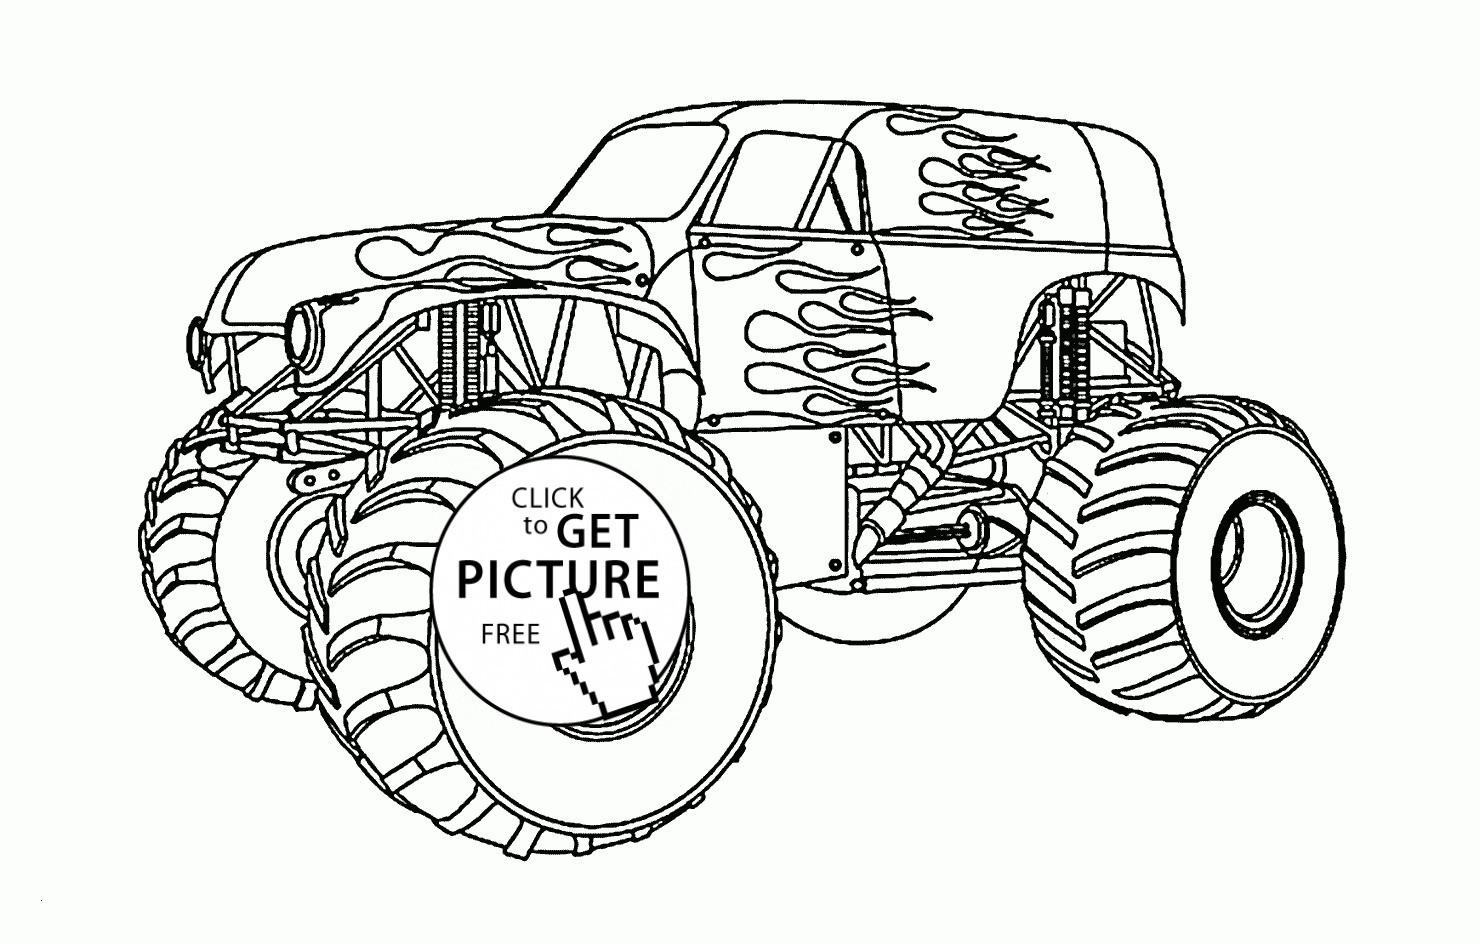 Trecker Zum Ausmalen Einzigartig 30 Monstertruck Ausmalbilder forstergallery Das Bild